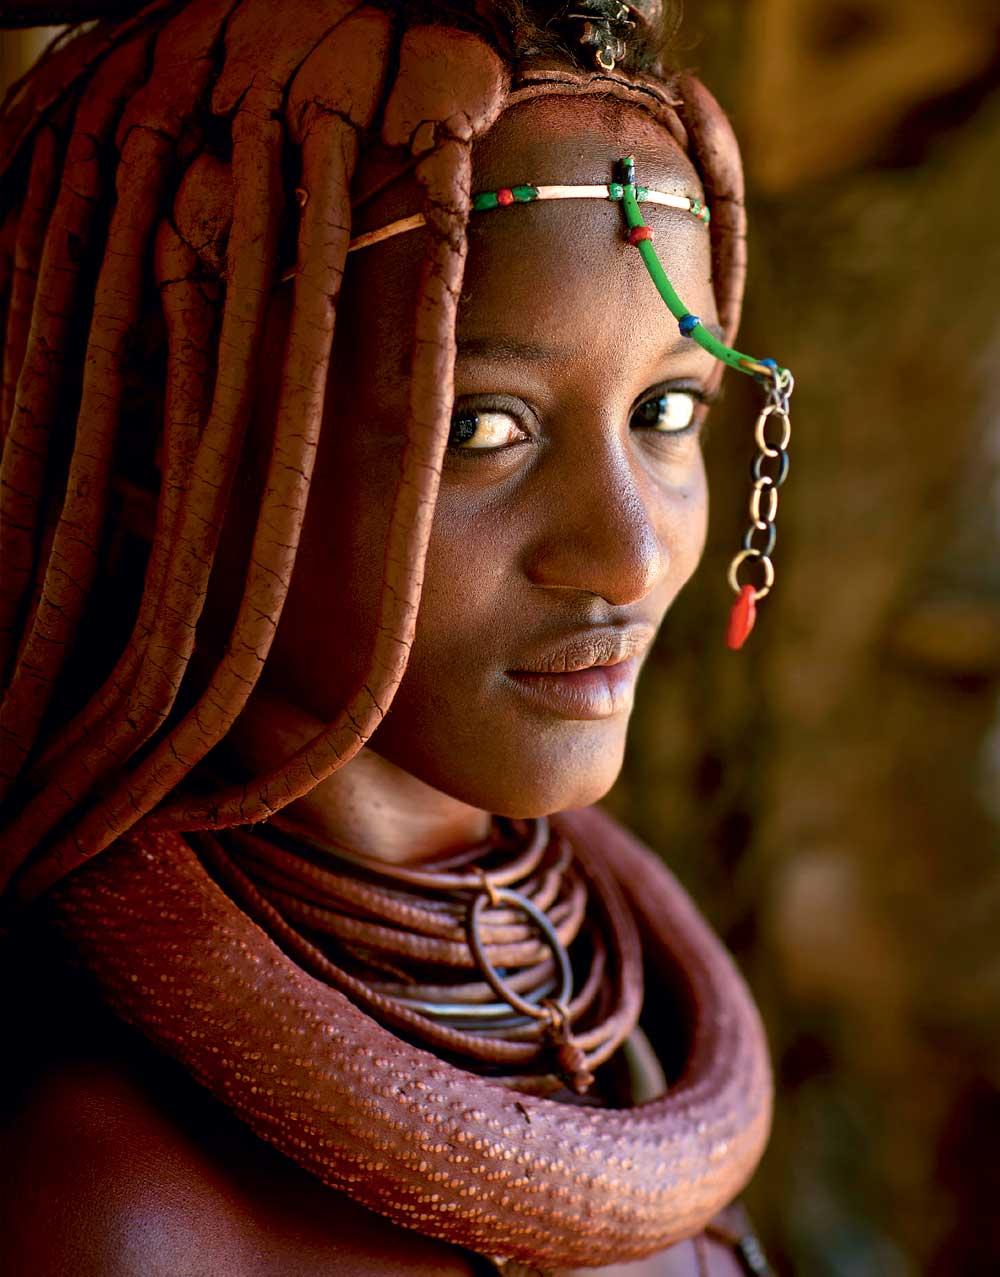 Ethiopia girl.jpg